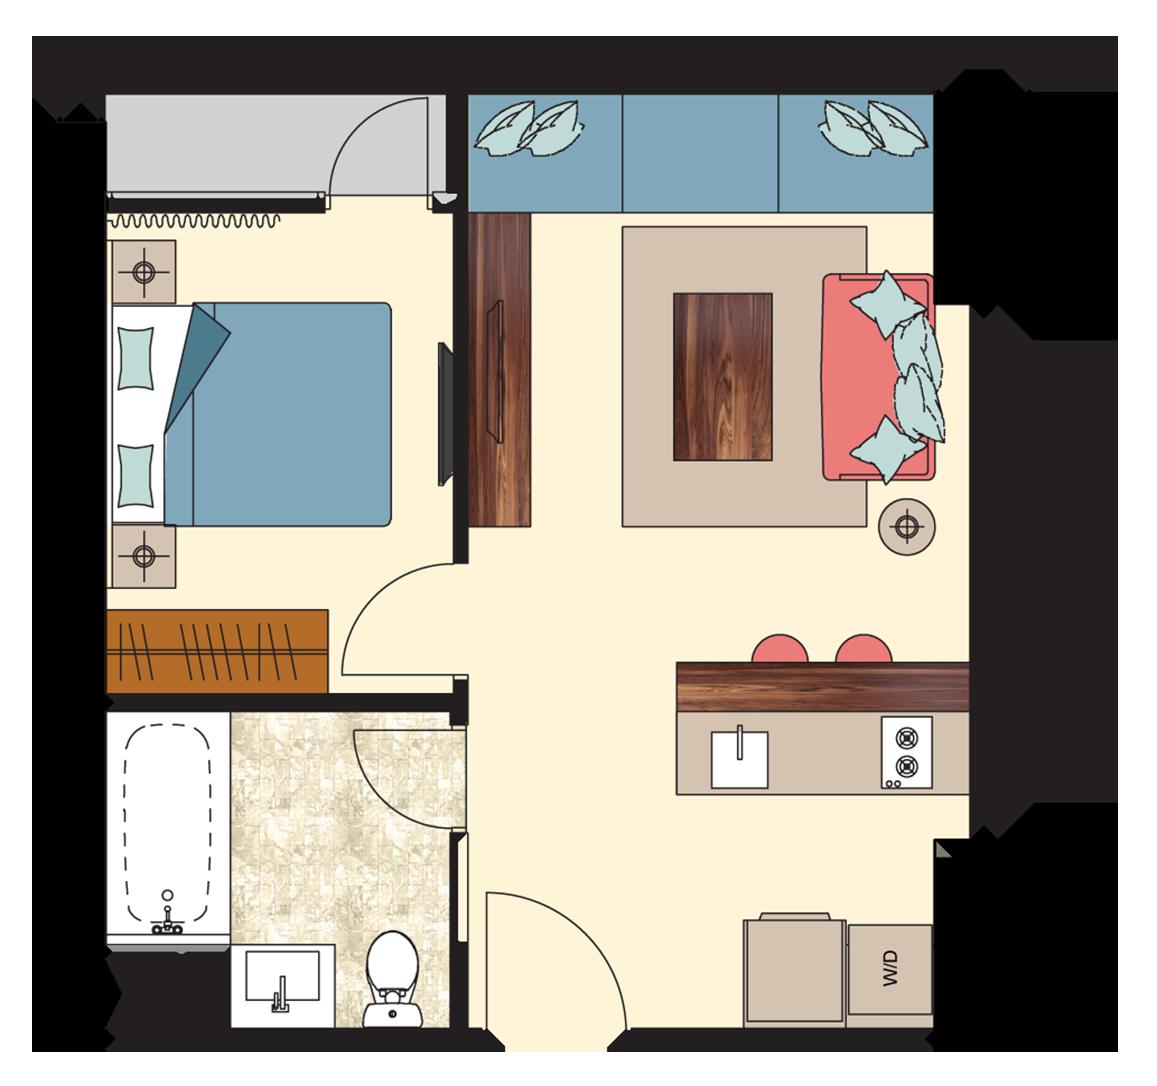 Pasadena-1-bedroom-D5 Floorplan